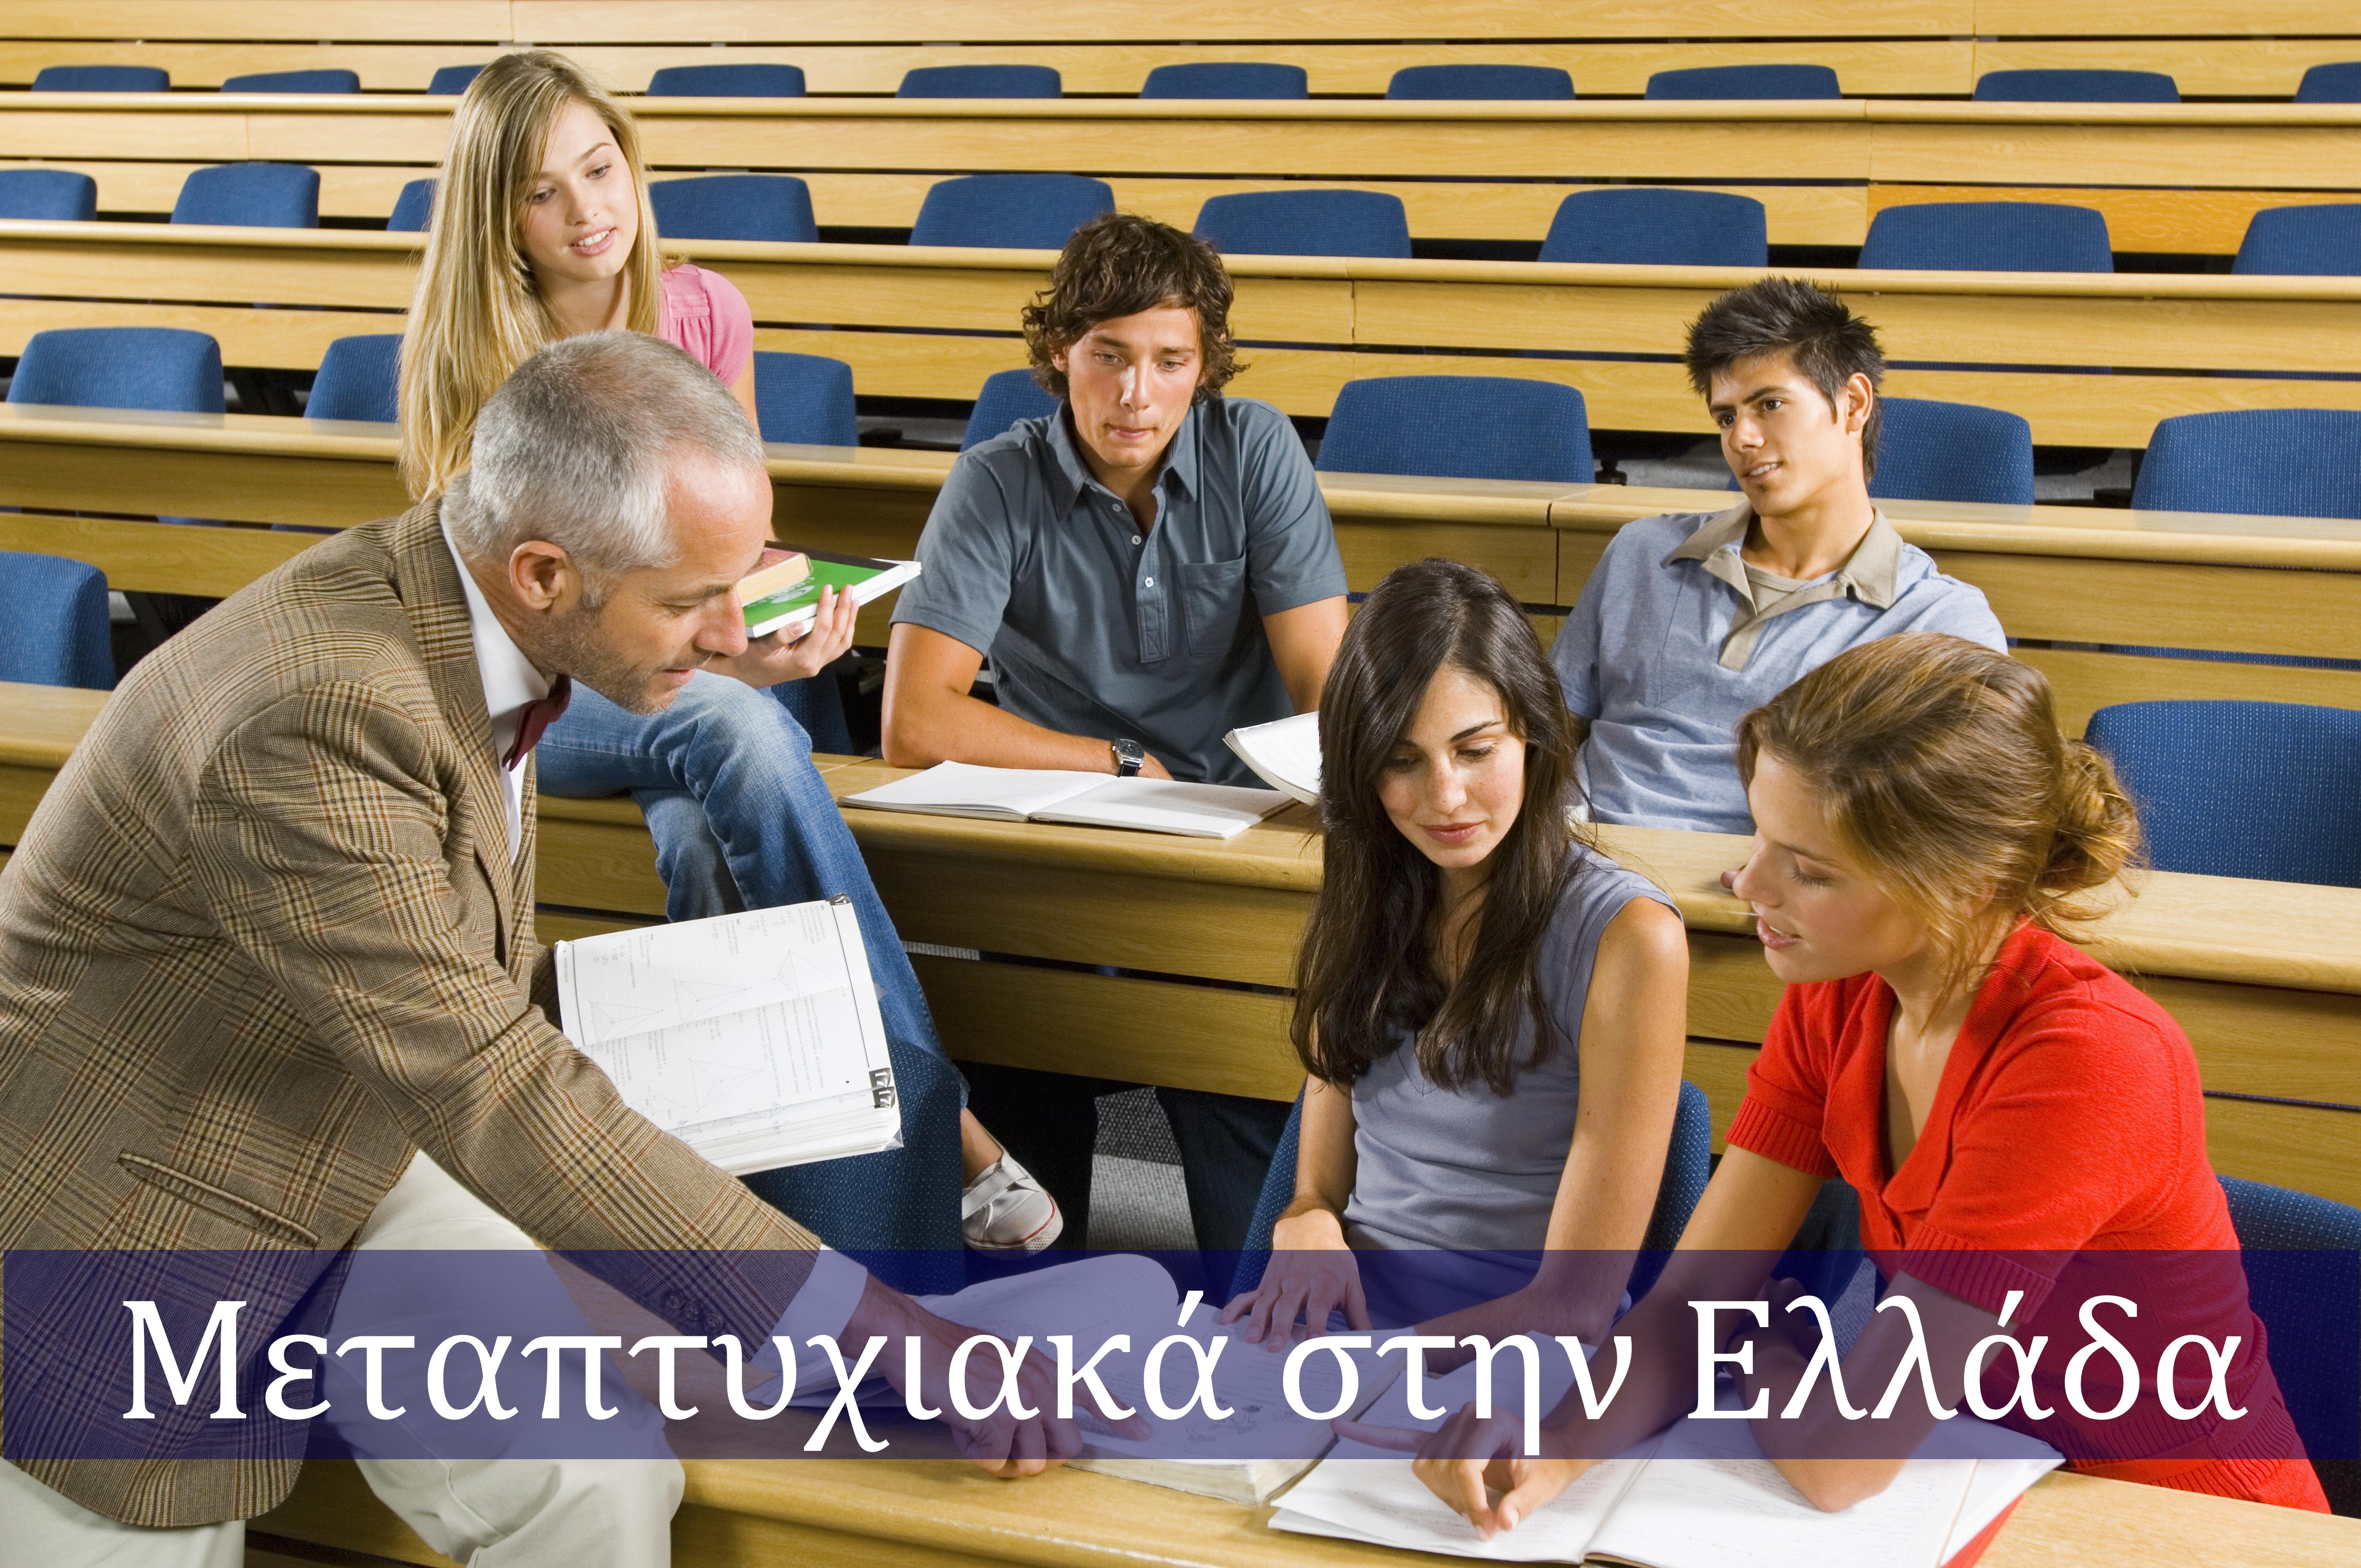 Конкурс образование во времени